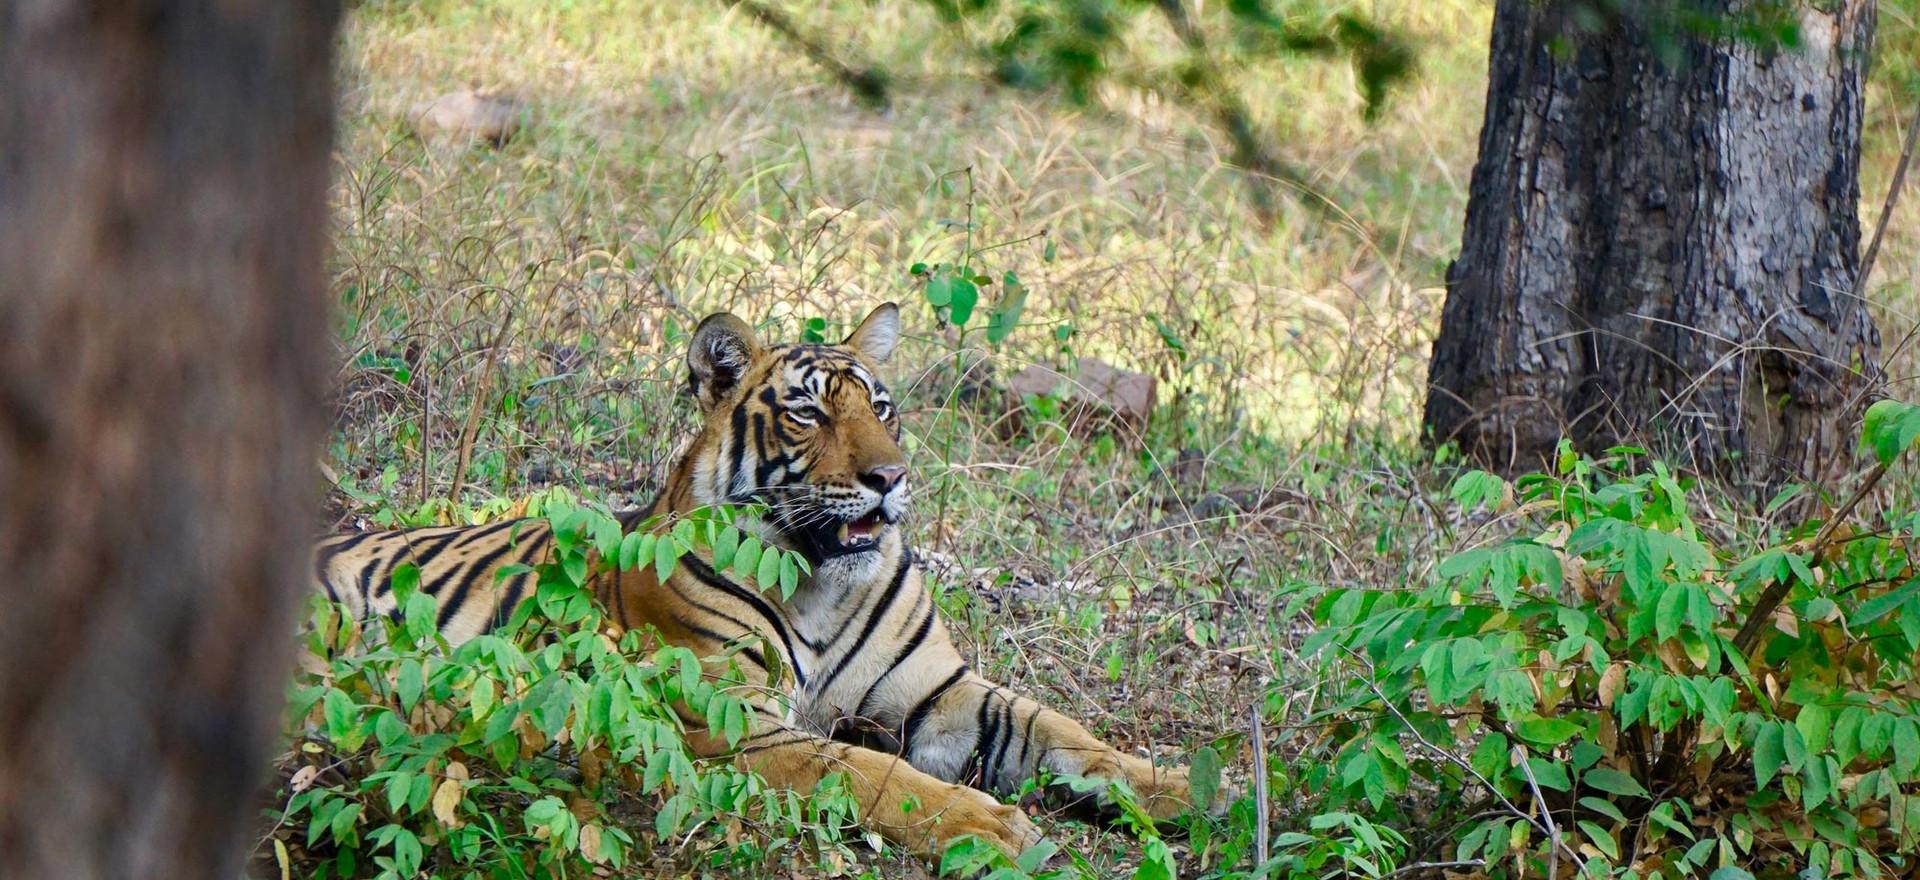 TigerCub_liegend.jpg